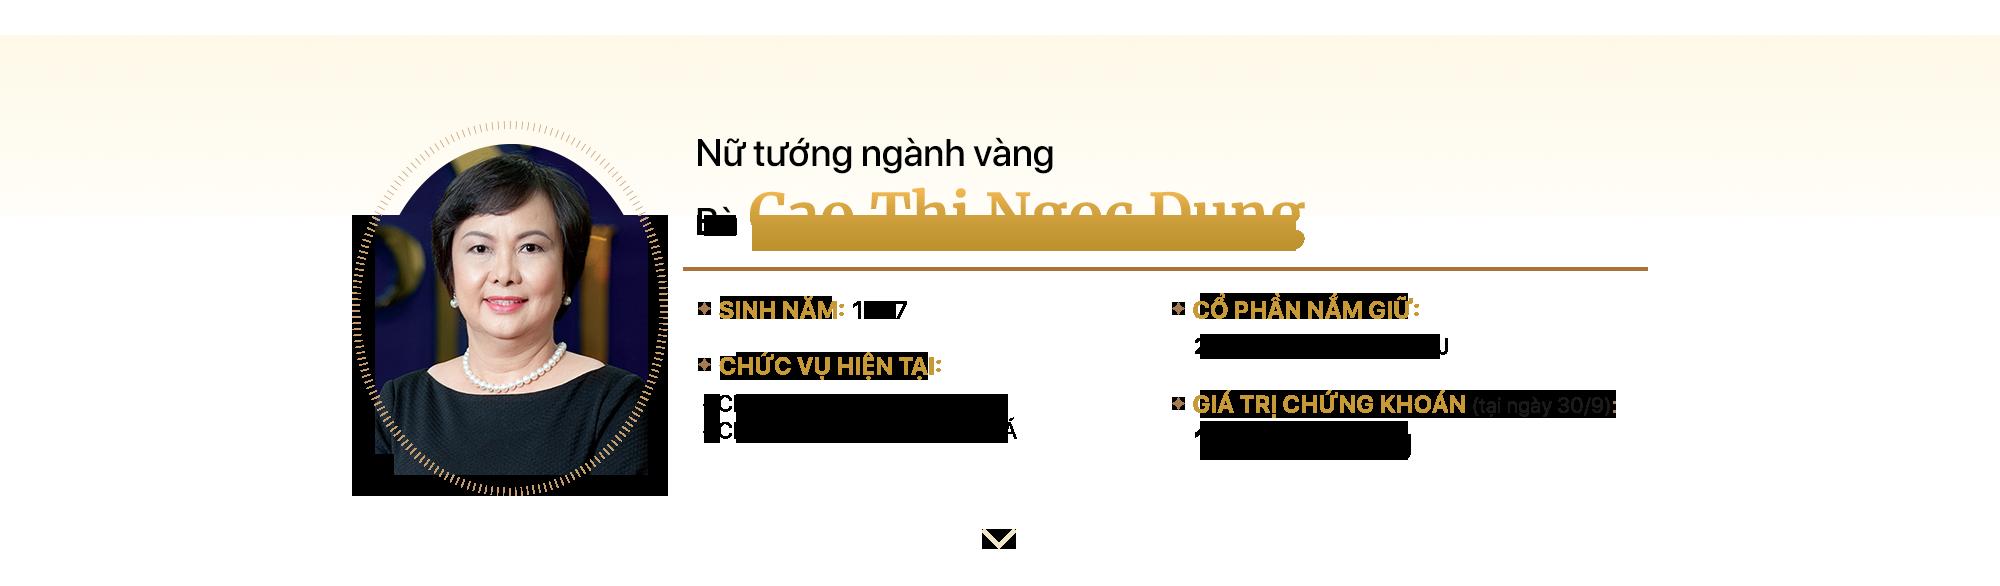 TOP10 NỮ DOANH NHÂN SỞ HỮU HÀNG TRIỆU USD CỔ PHIẾU TRÊN TTCK VIỆT NAM - Ảnh 7.